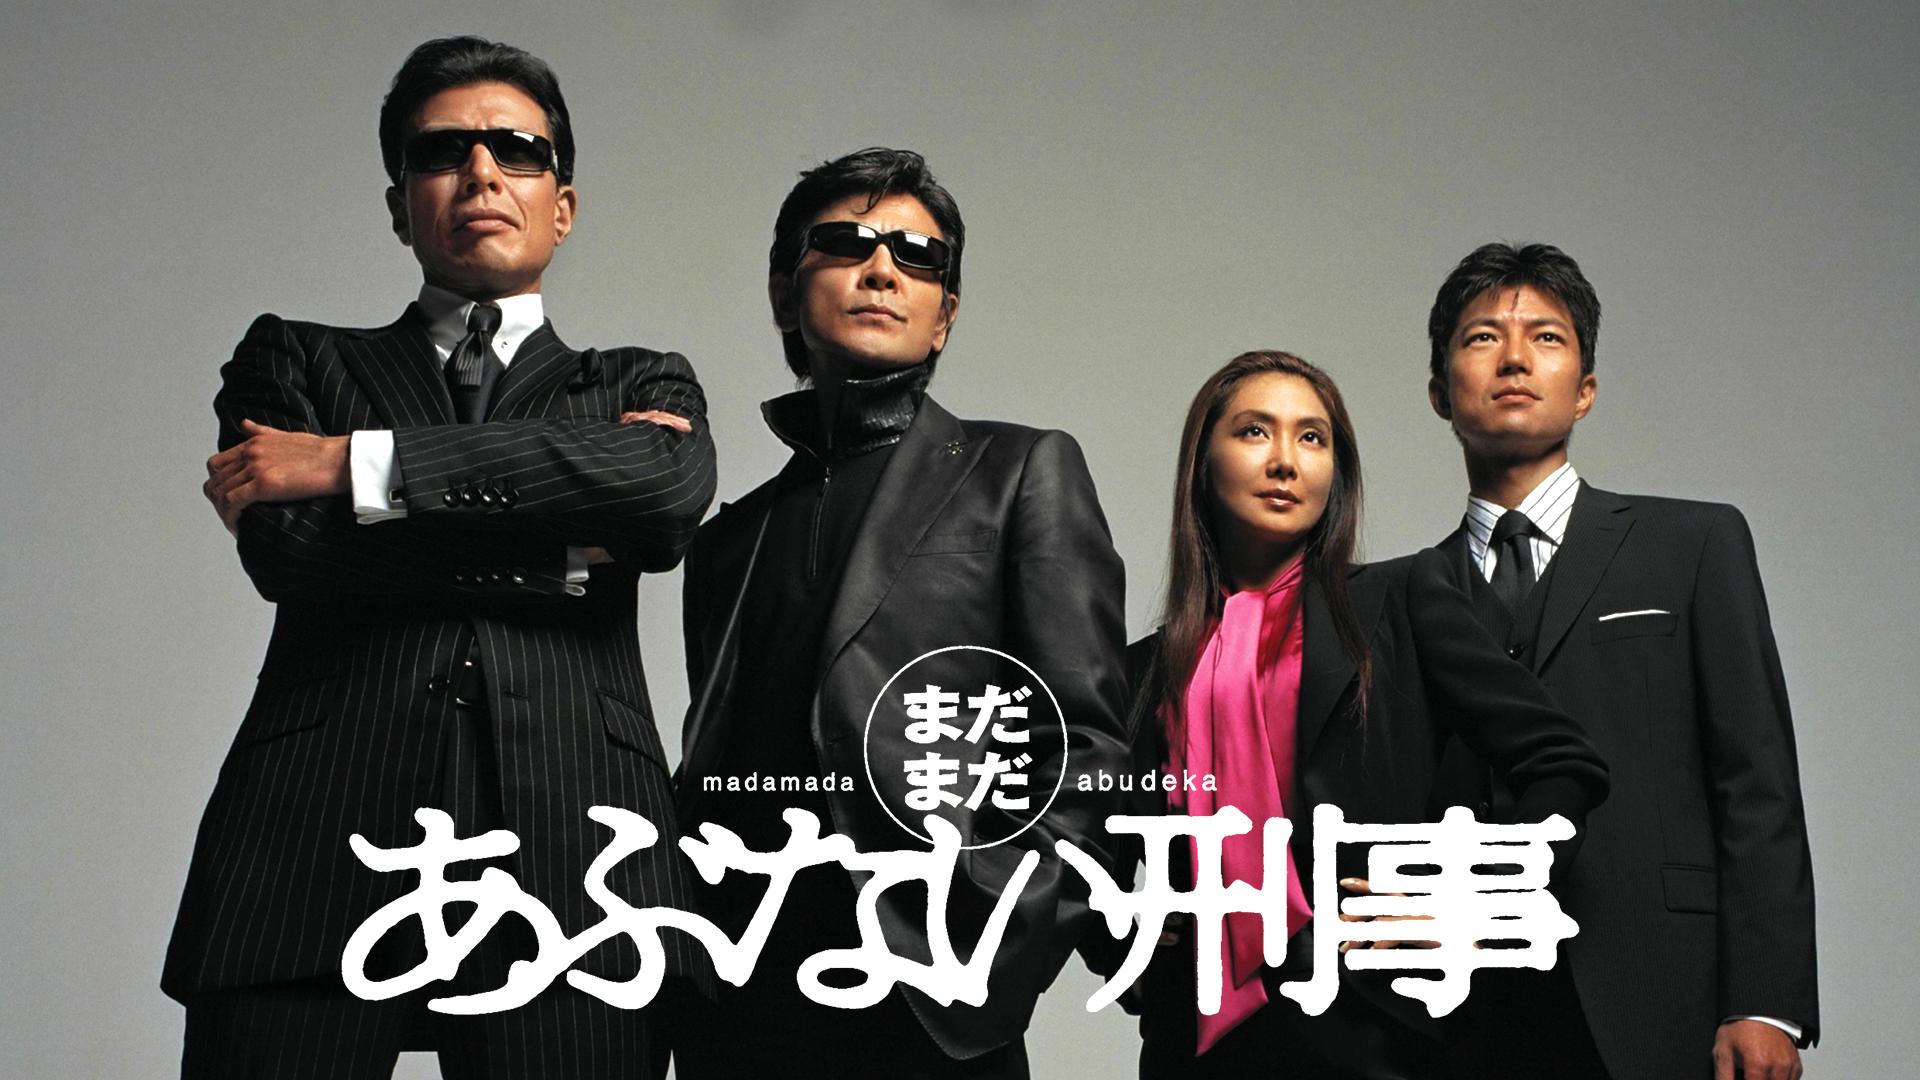 まだまだあぶない刑事(2005)動画フル